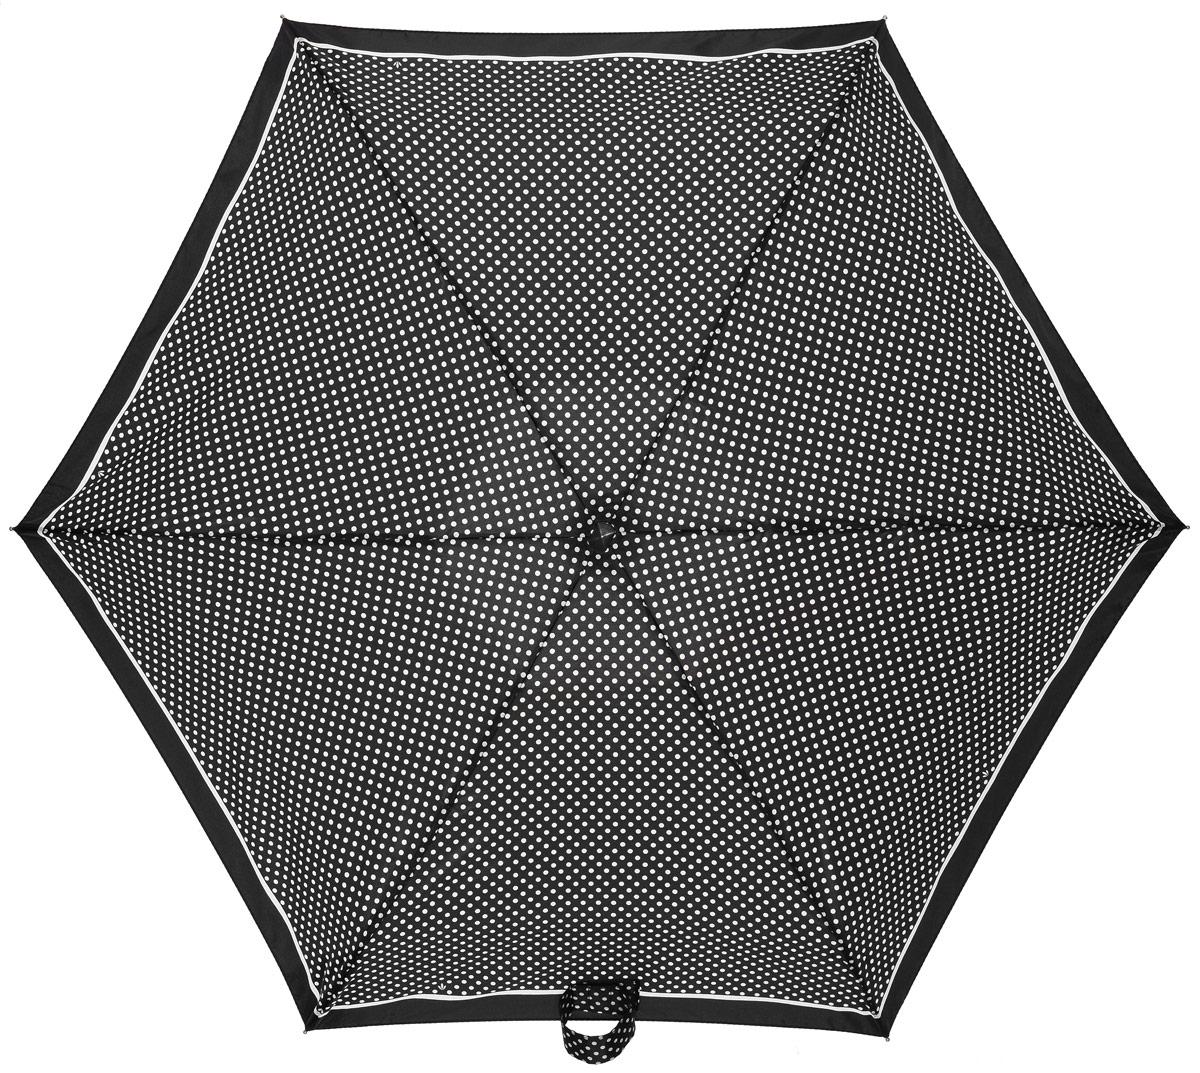 Зонт женский Fulton, механический, 5 сложений, цвет: черный, белый. L501-224845100948B/32793/5900NКомпактный женский зонт Fulton выполнен из металла и пластика.Каркас зонта выполнен из шести спиц на прочном алюминиевом стержне. Купол зонта изготовлен из прочного полиэстера. Закрытый купол застегивается на хлястик с липучкой. Практичная рукоятка закругленной формы разработана с учетом требований эргономики и выполнена из каучука.Зонт складывается и раскладывается механическим способом.Зонт дополнен легким плоским чехлом. Такая модель не только надежно защитит от дождя, но и станет стильным аксессуаром.